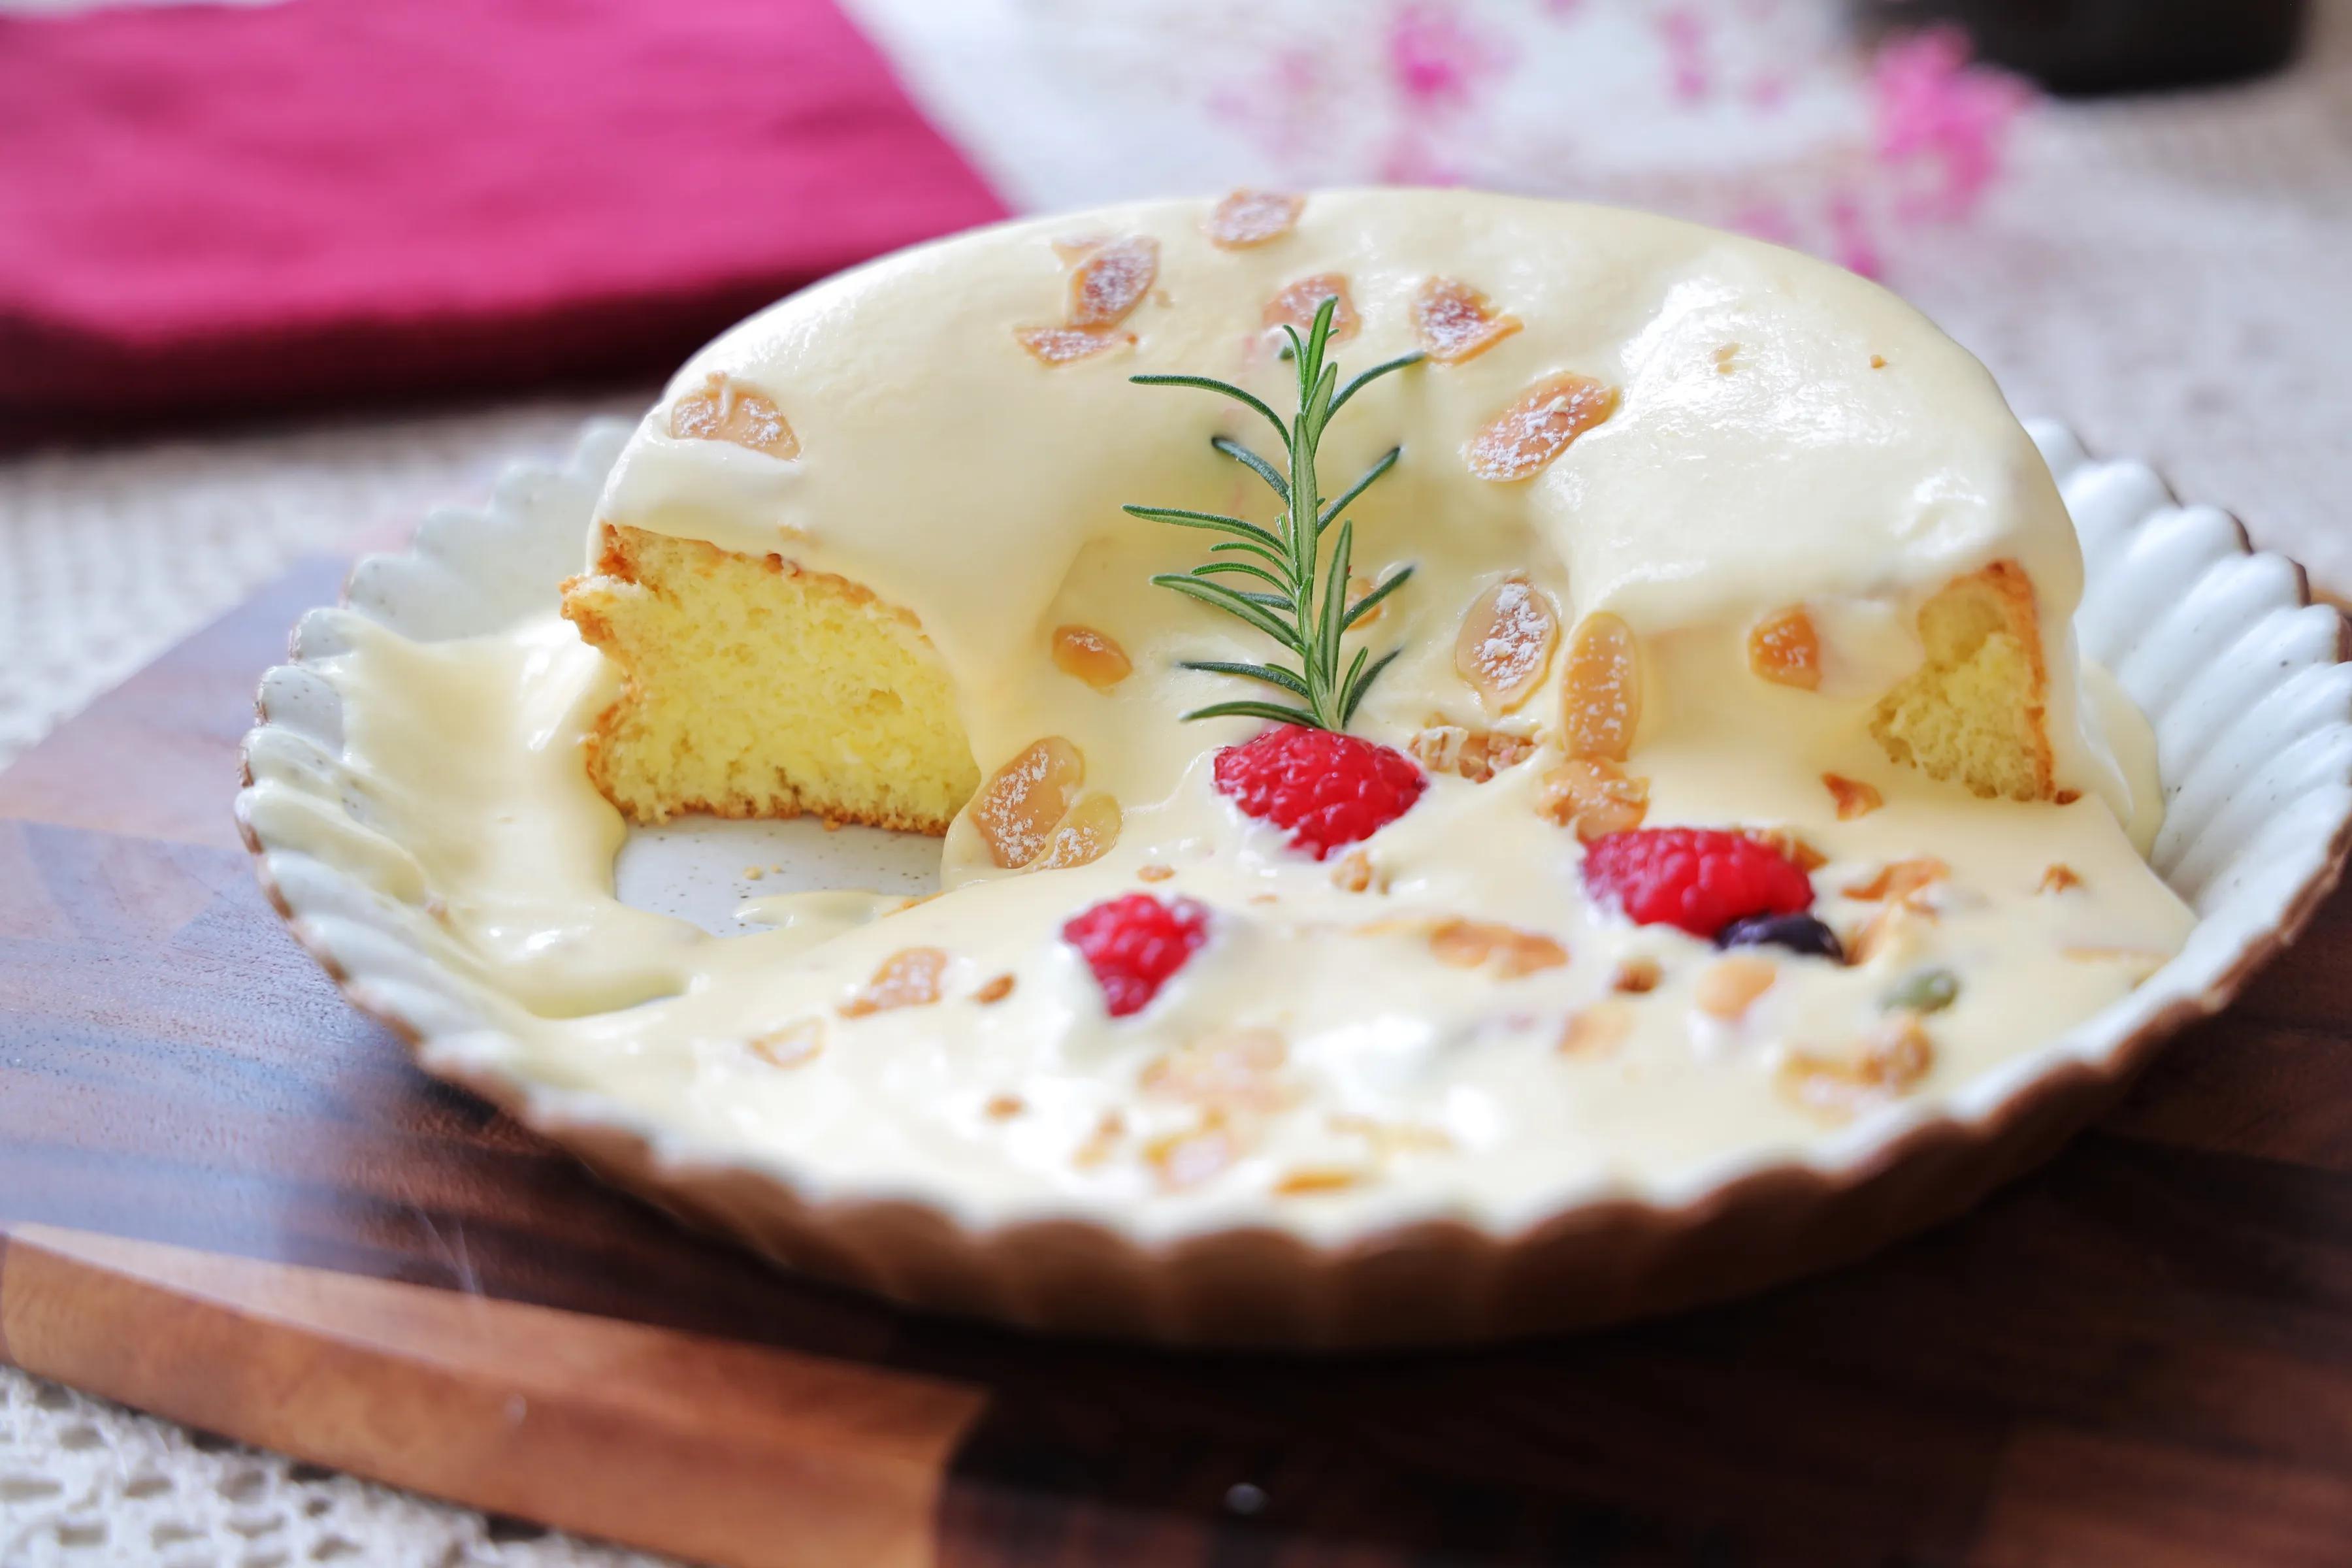 粉丝朋友点名要的网红爆浆蛋糕,切第一块的时候太治愈,味道超赞 美食做法 第2张